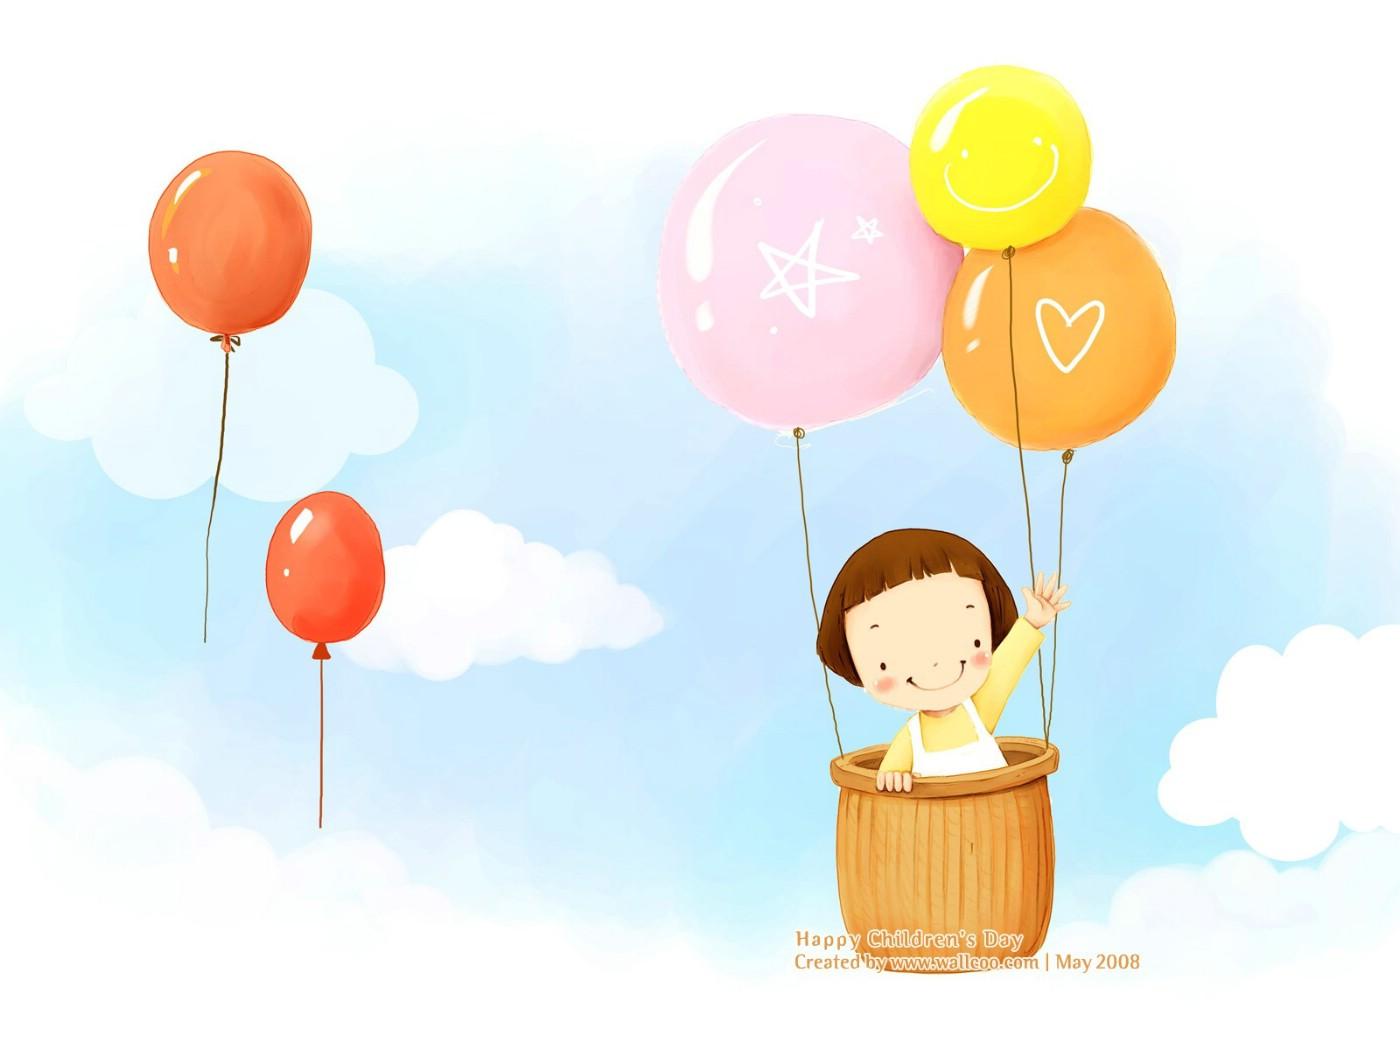 可爱儿童插画壁纸 彩色气球